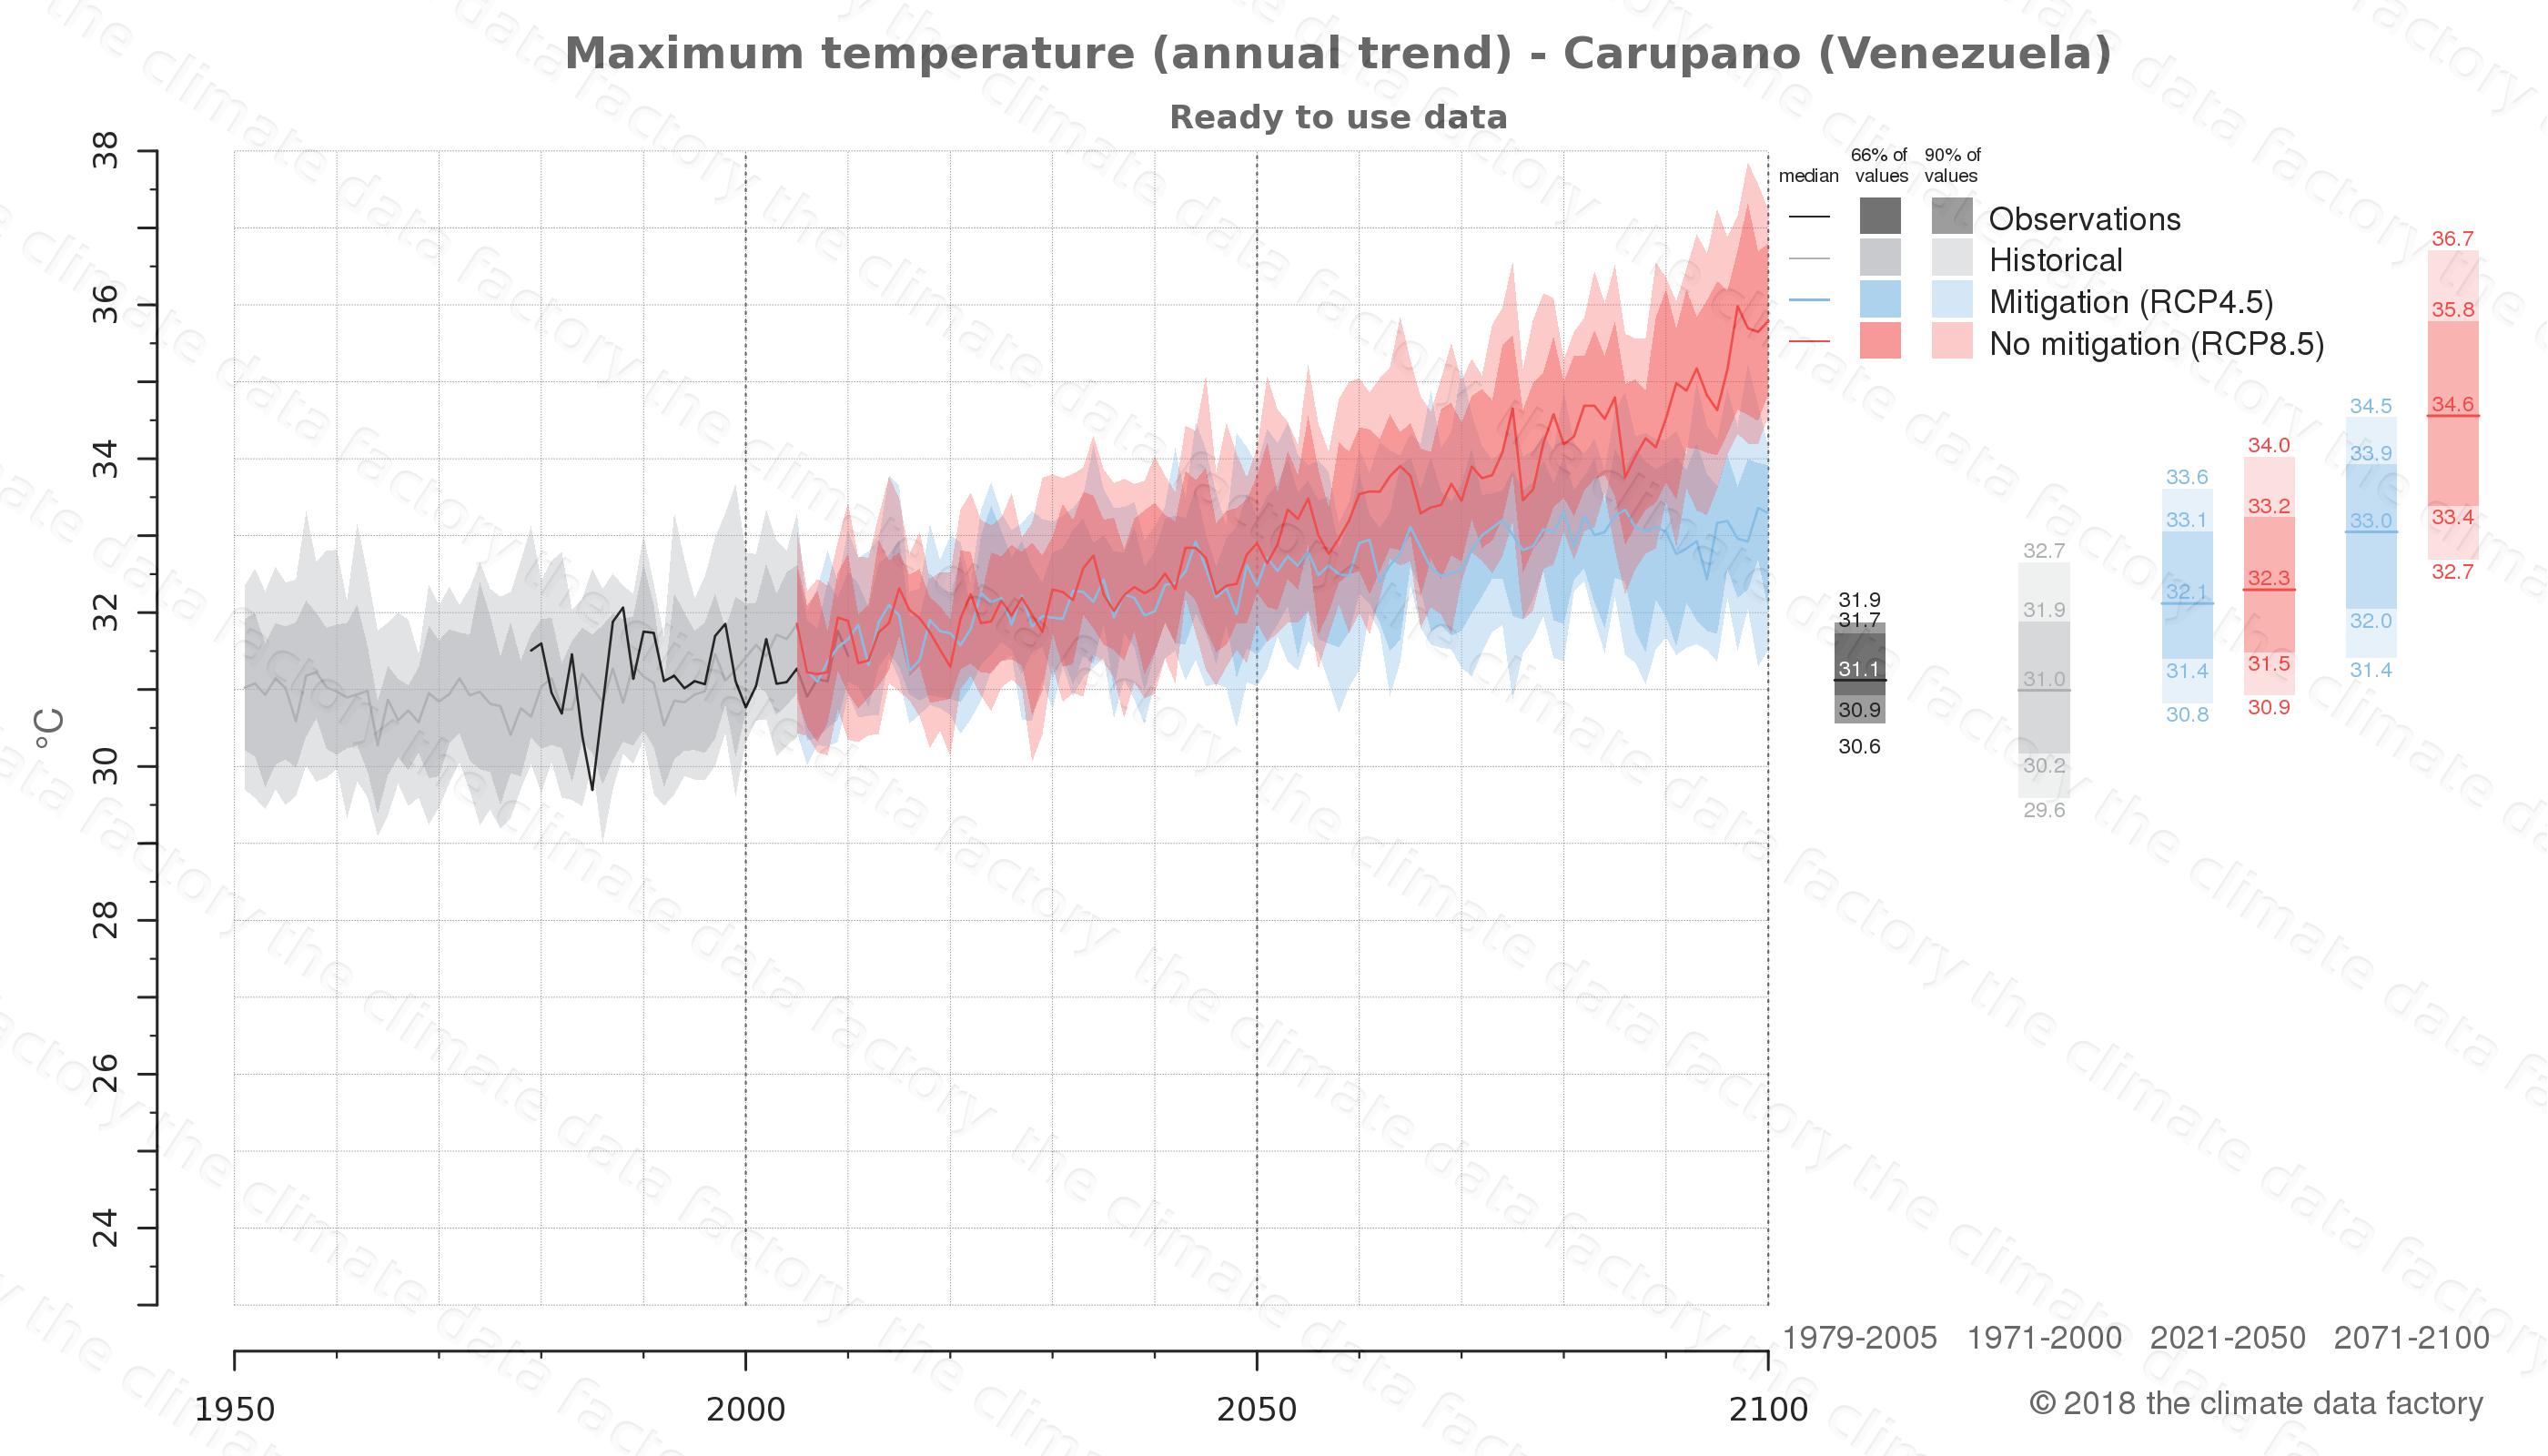 climate change data policy adaptation climate graph city data maximum-temperature carupano venezuela